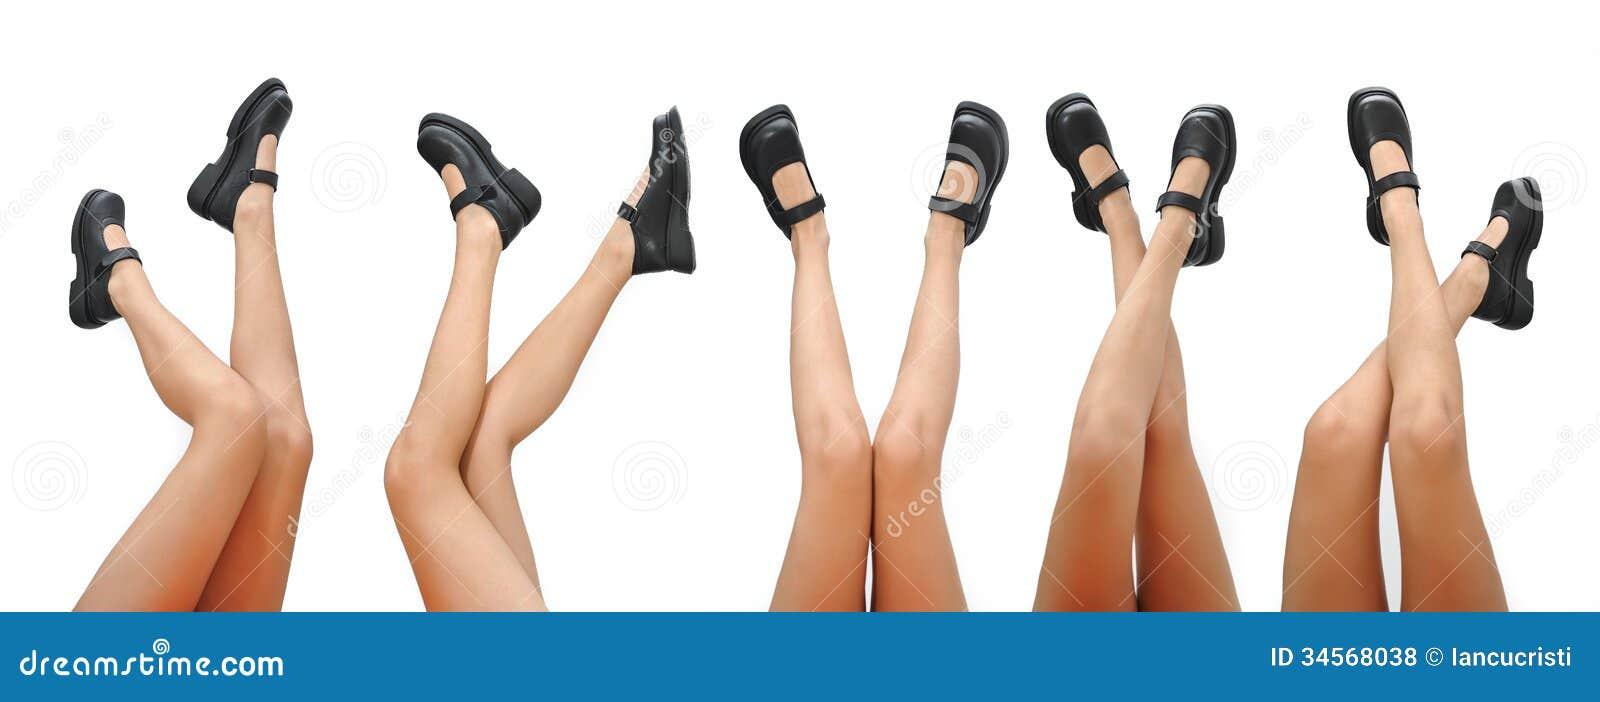 Piernas hermosas de la mujer y zapatos negros que señalan para arriba  aislado en un fondo blanco. Piernas bonitas largas de la mujer 126b0661bf10